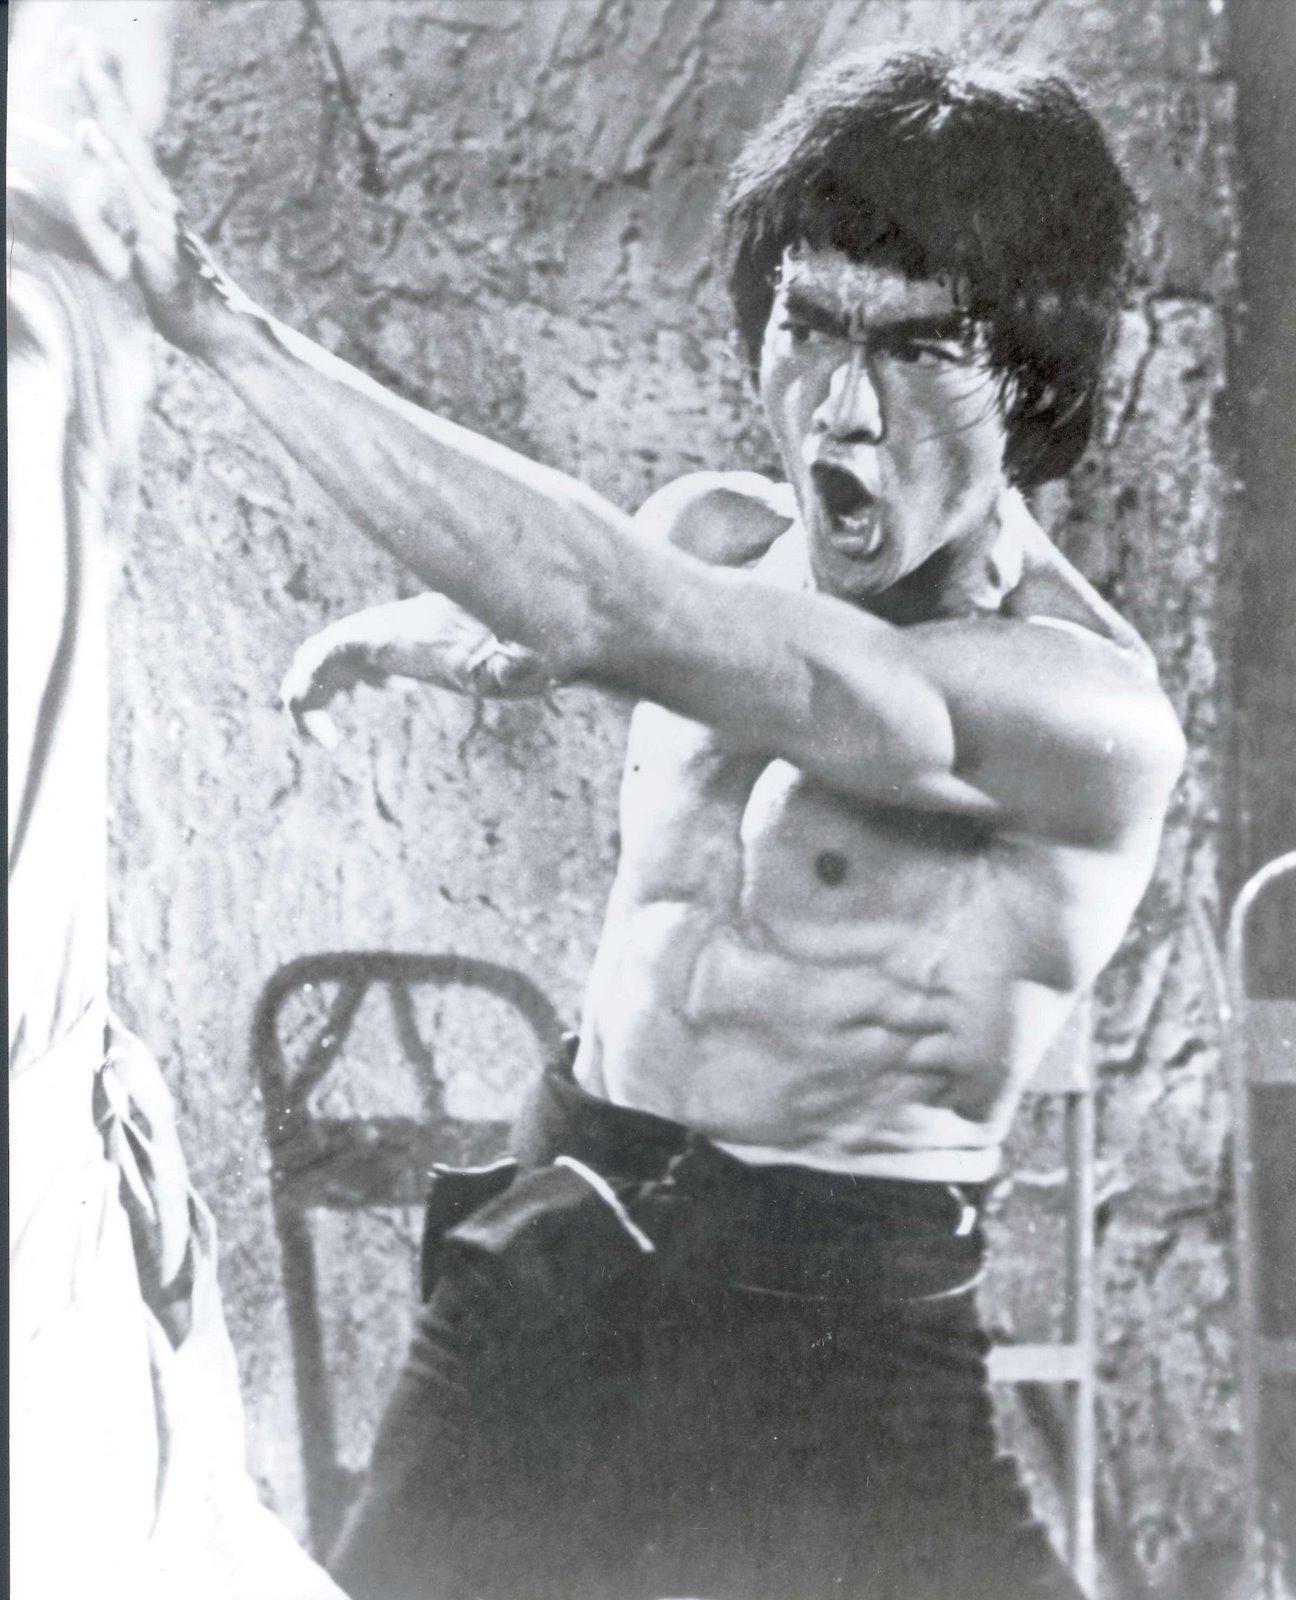 Bruce Lee - Photos